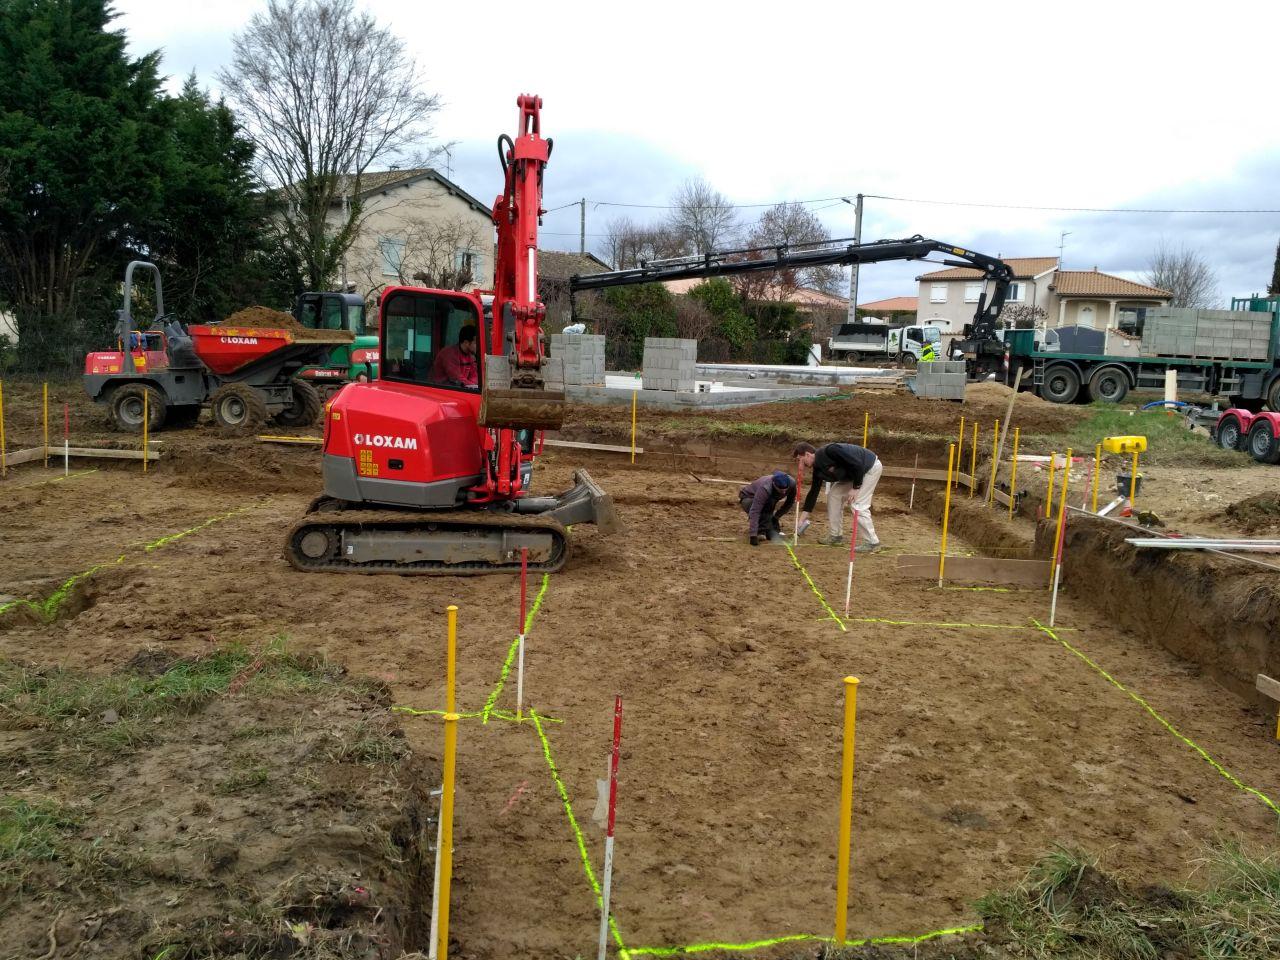 Décapage terminé, on trace les fouilles